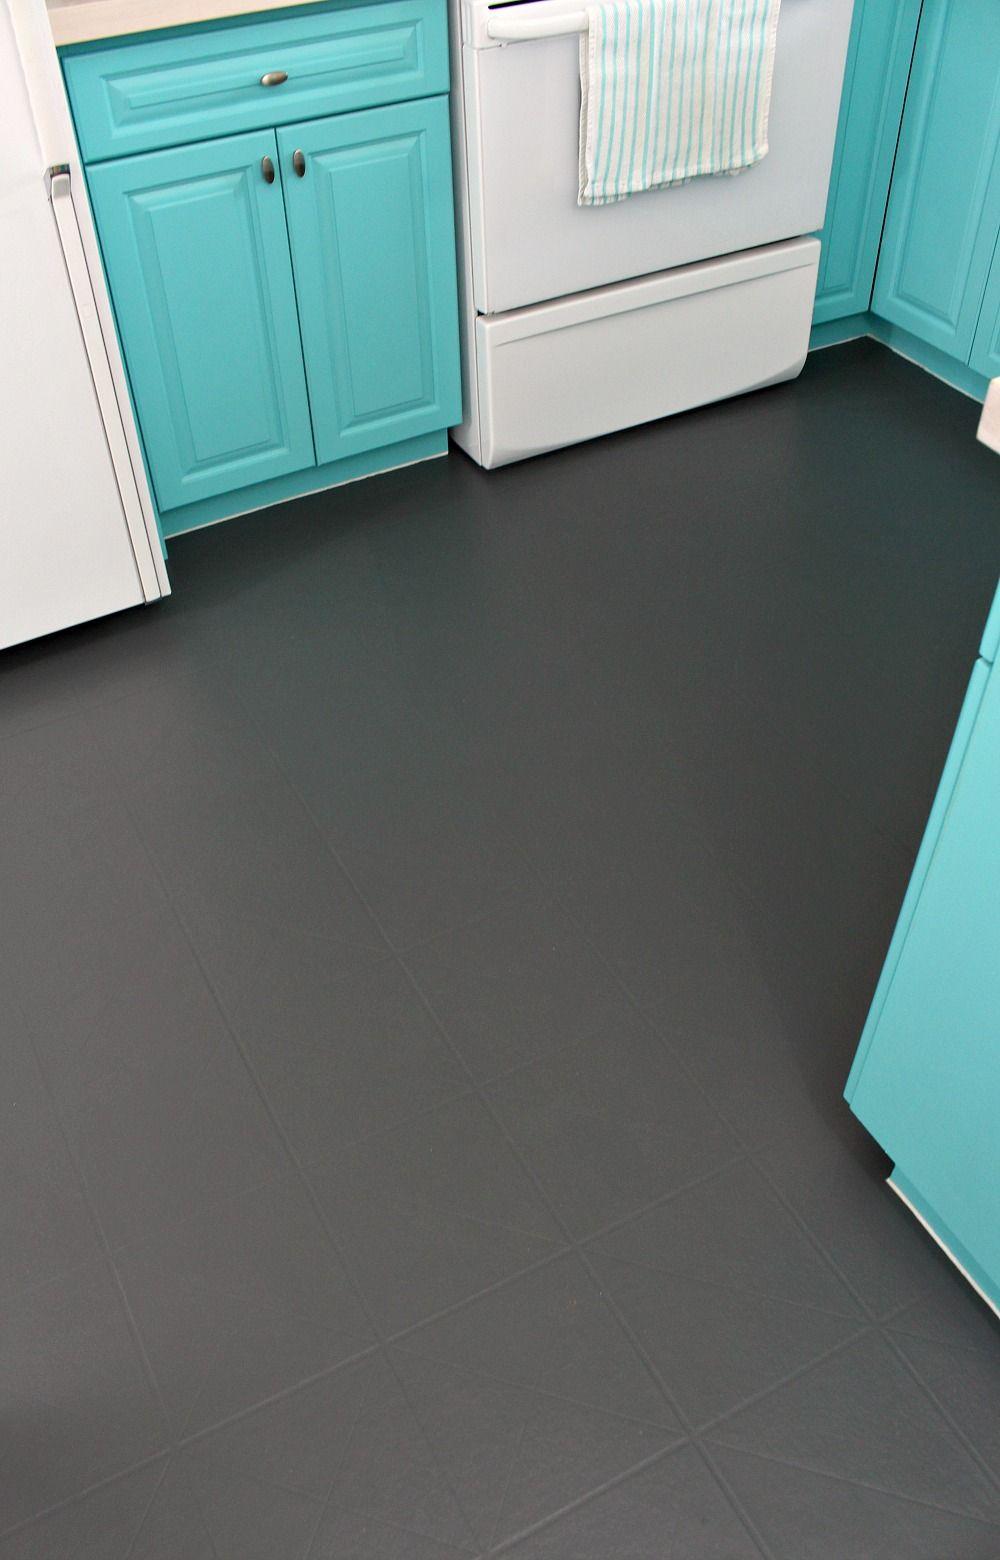 How to Paint a Vinyl Floor   Vinyl flooring, Diy kitchen ...